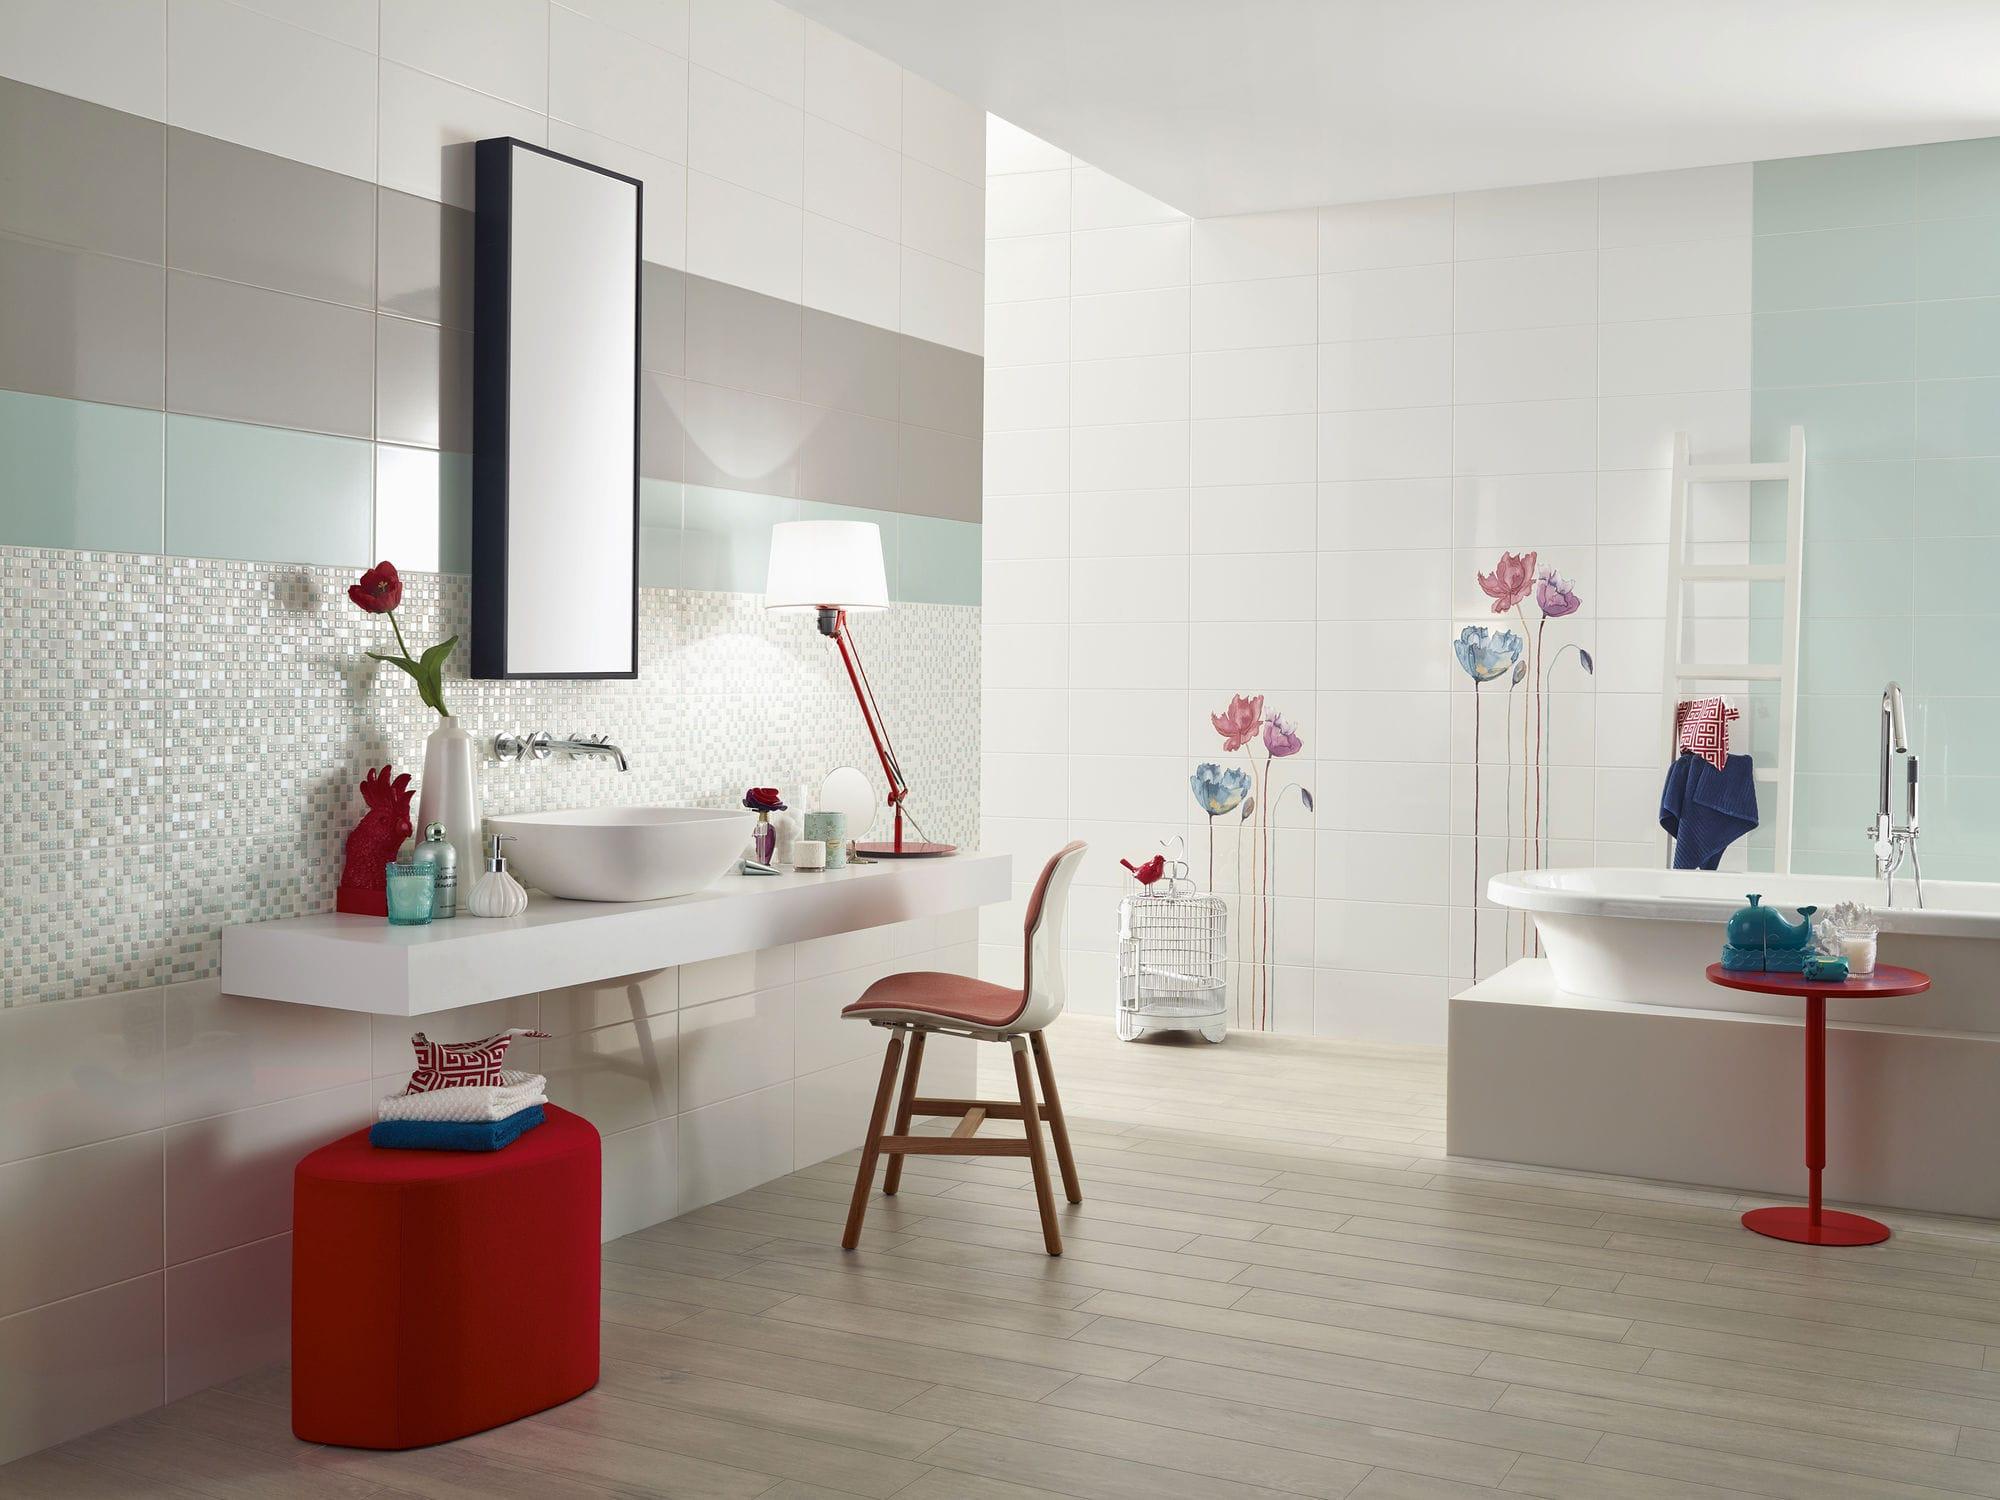 Indoor Tile Floor Ceramic Striped Acqua Love Ceramic Tiles